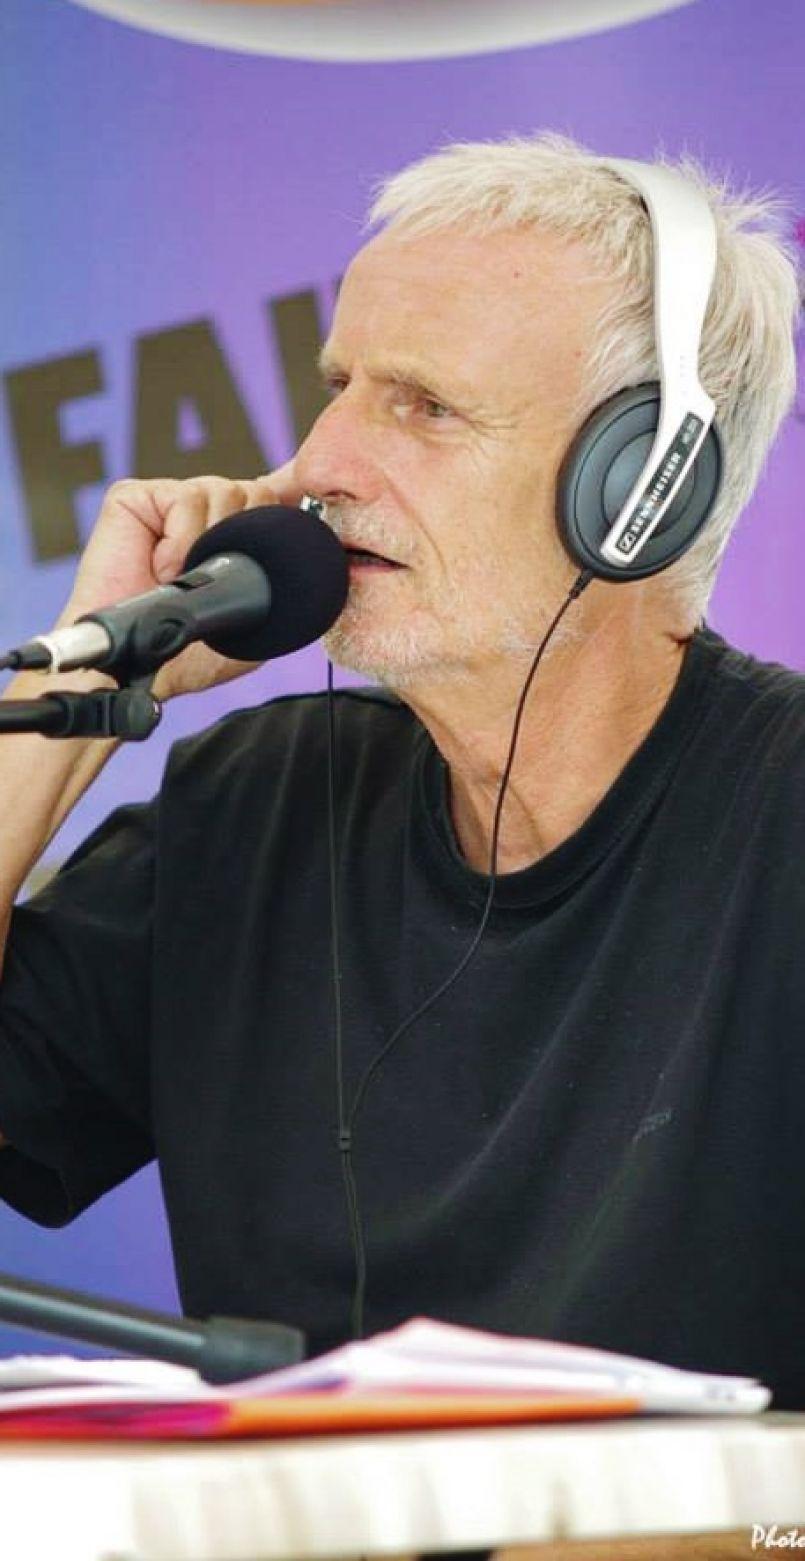 Covid-19 : le 'rire' plus que jamais nécessaire en cette période, c'est ce que nous a dit Christo Laroque, humoriste et homme de radio...